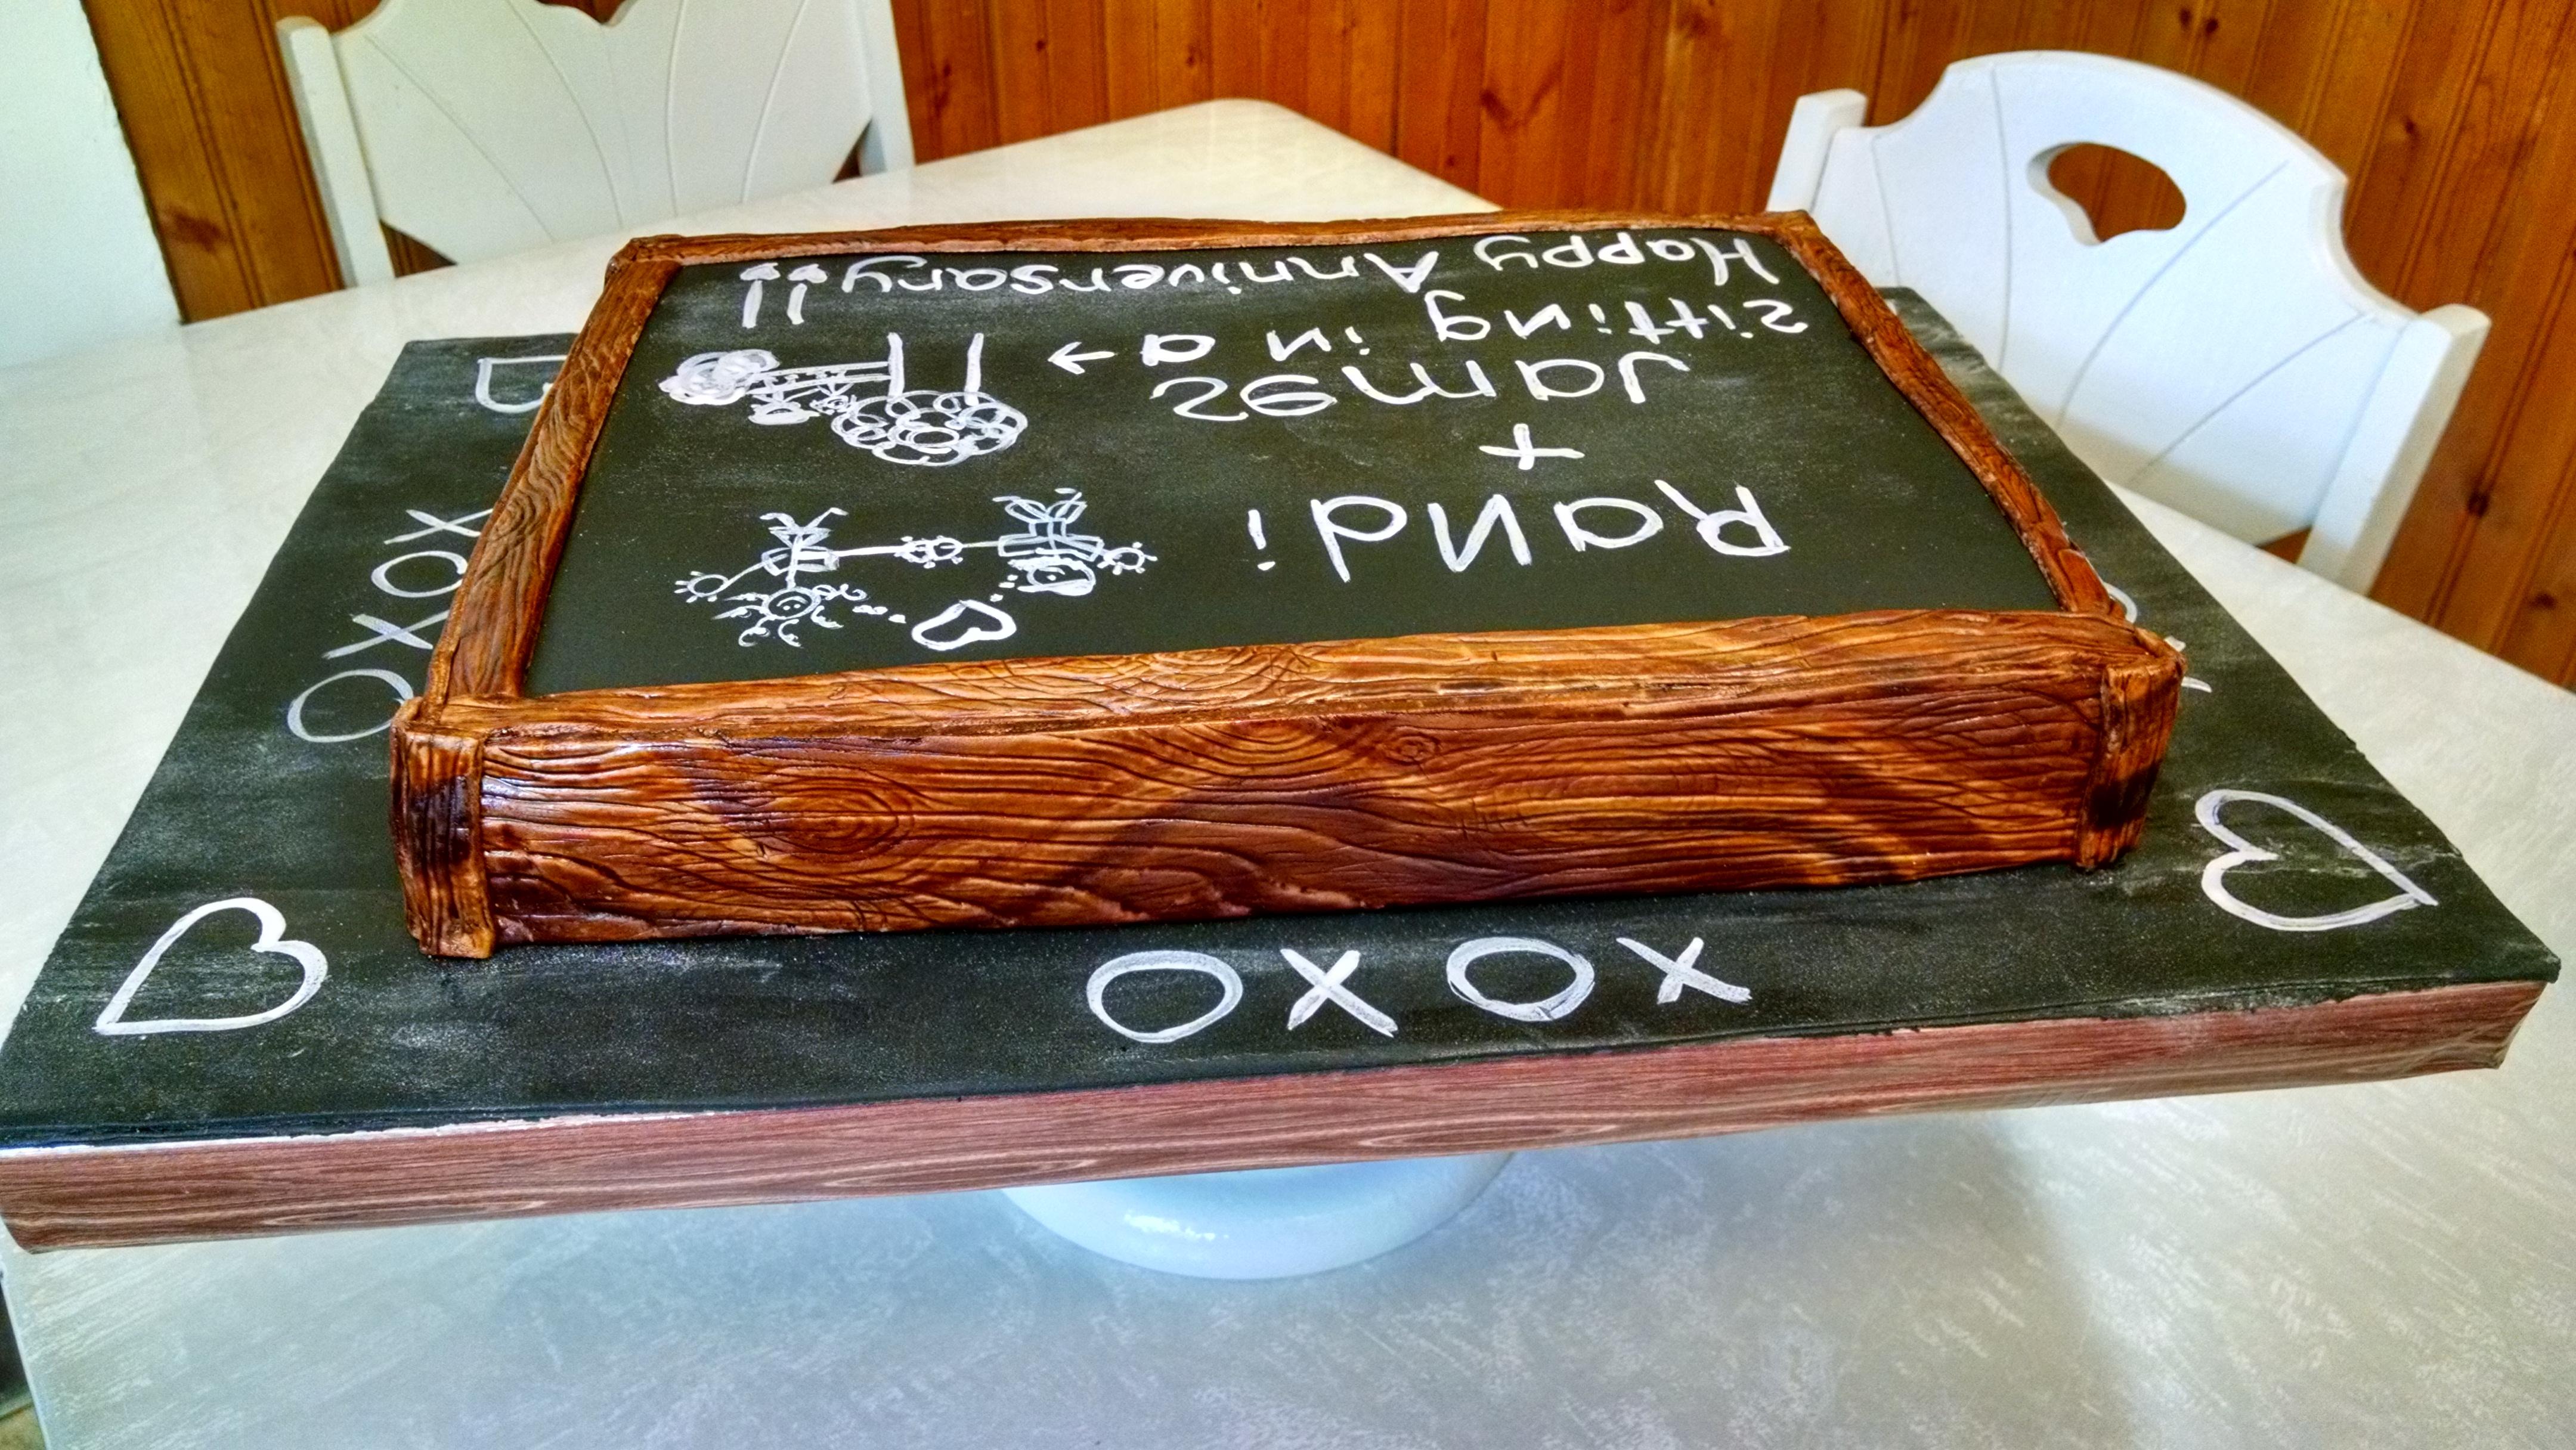 Chalkboard Cake 2-15-15 - CakeCentral com